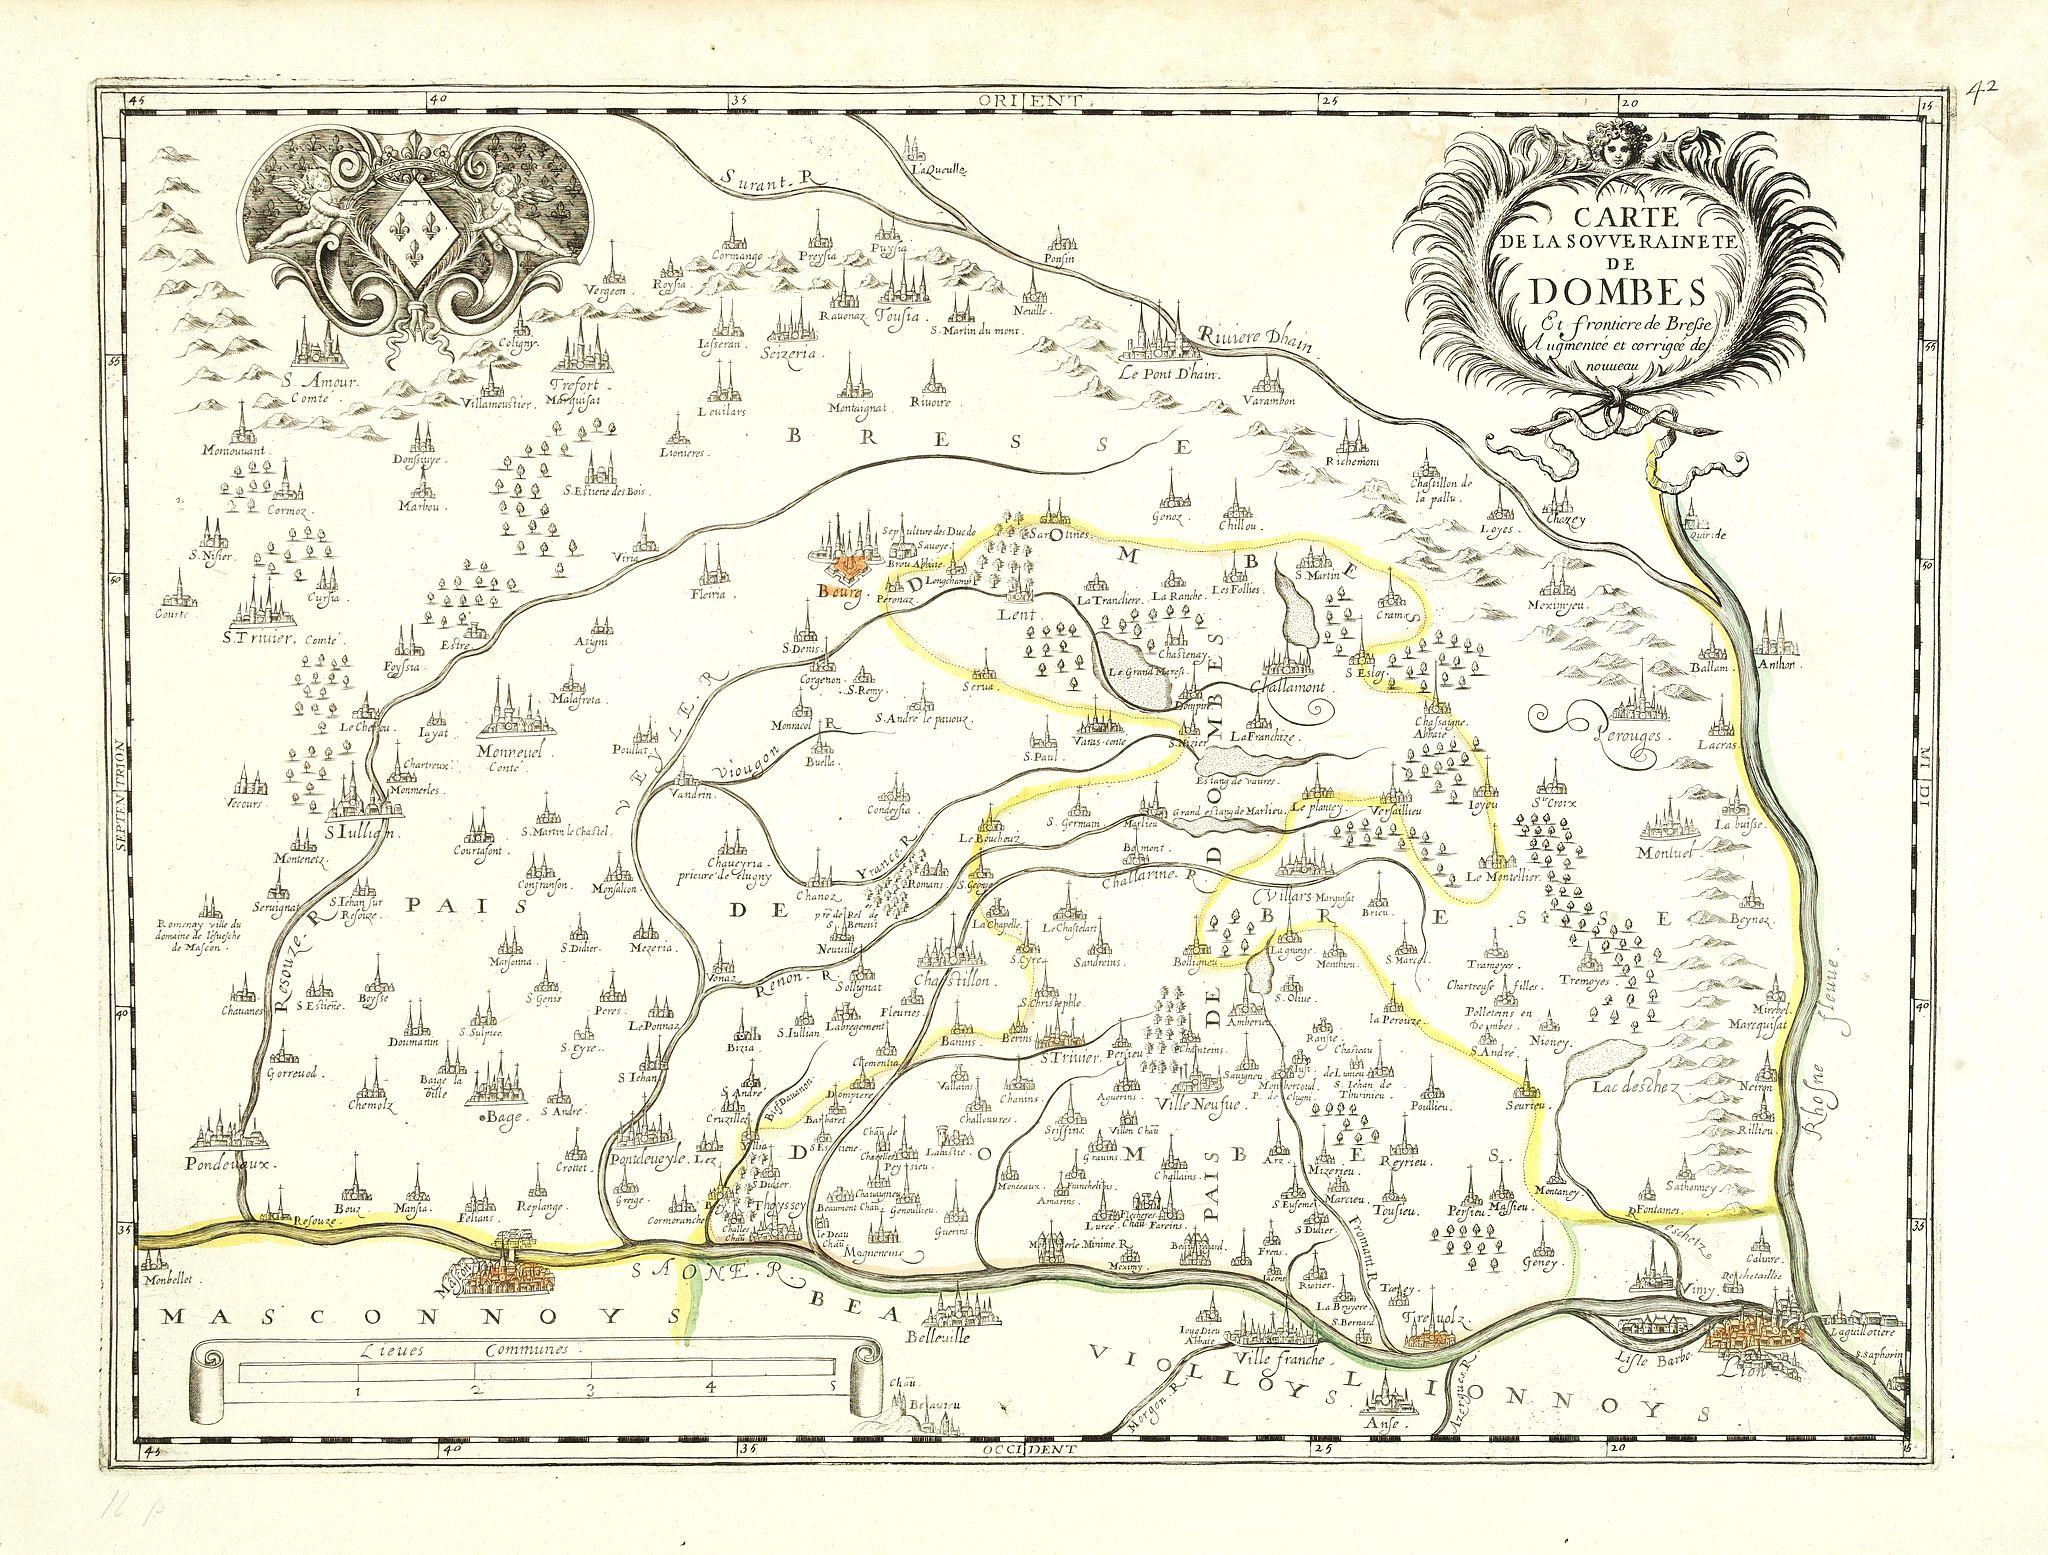 SANSON, N. / MARIETTE, P. -  Carte de la Souveraineté de Dombes Et frontière de Bresse Augmentée et corrigée de nouveau.